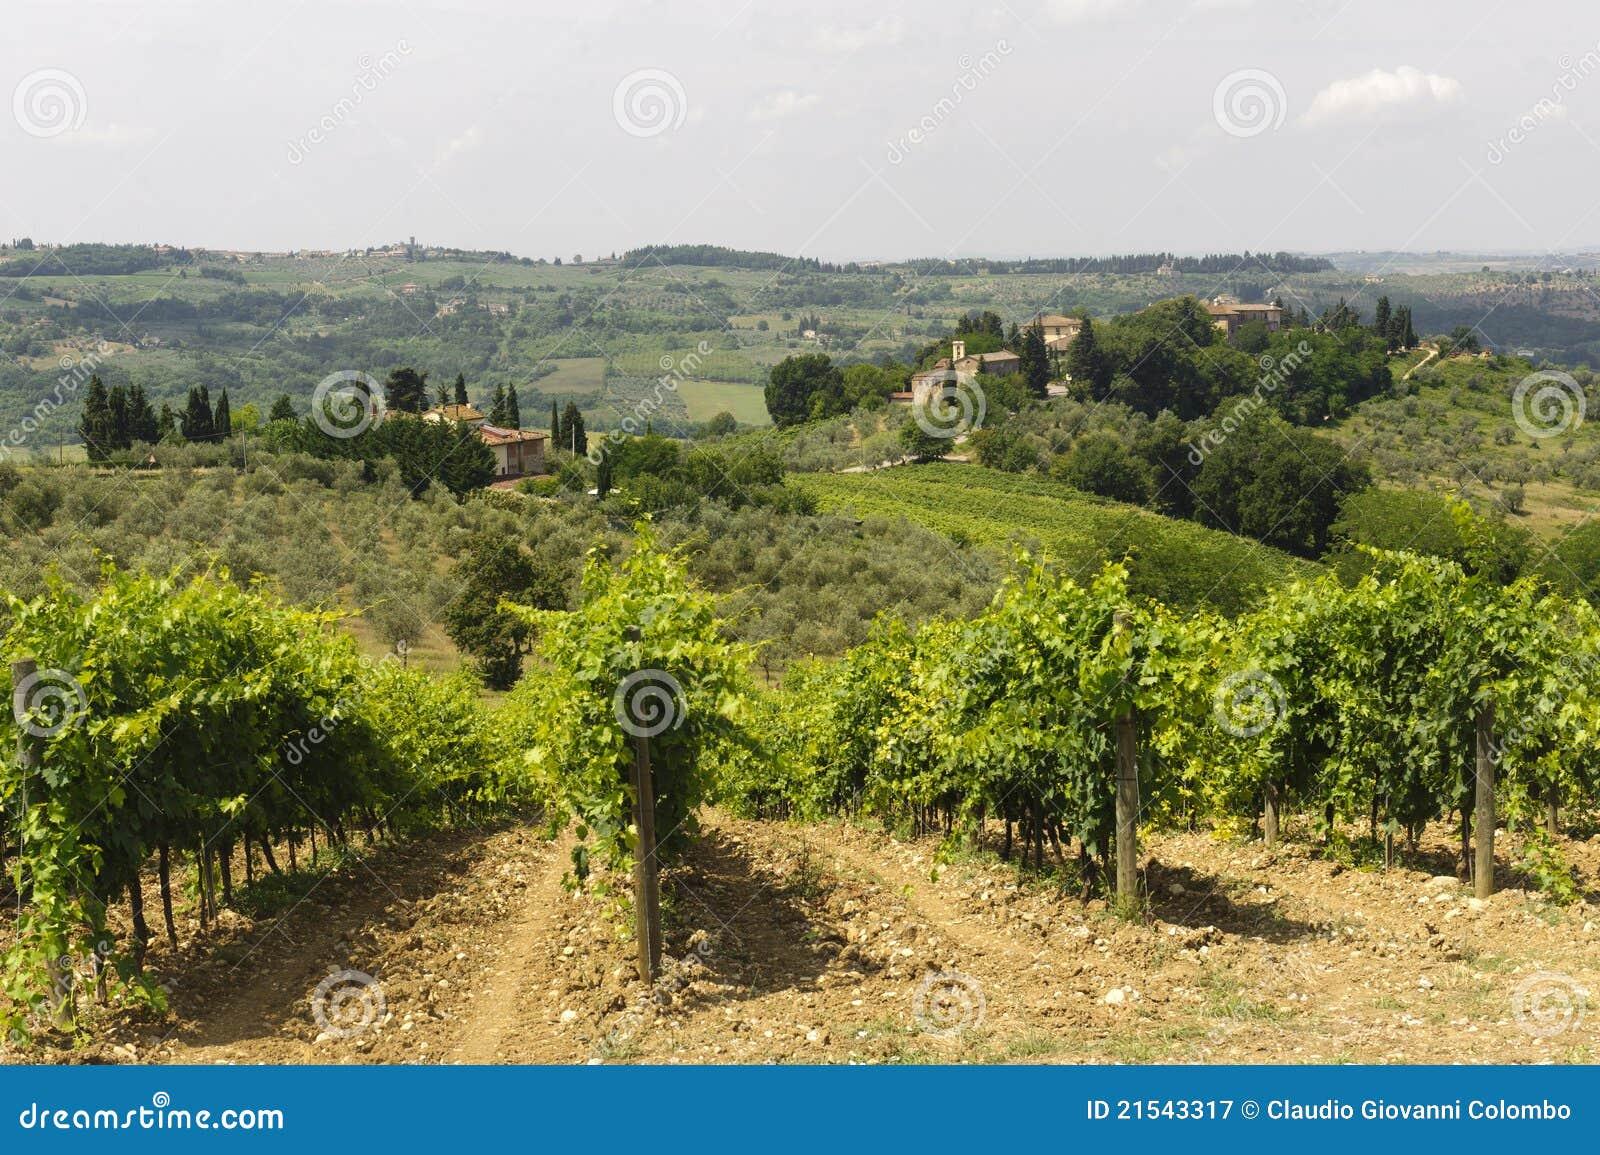 Vignes de Chianti (Toscane)